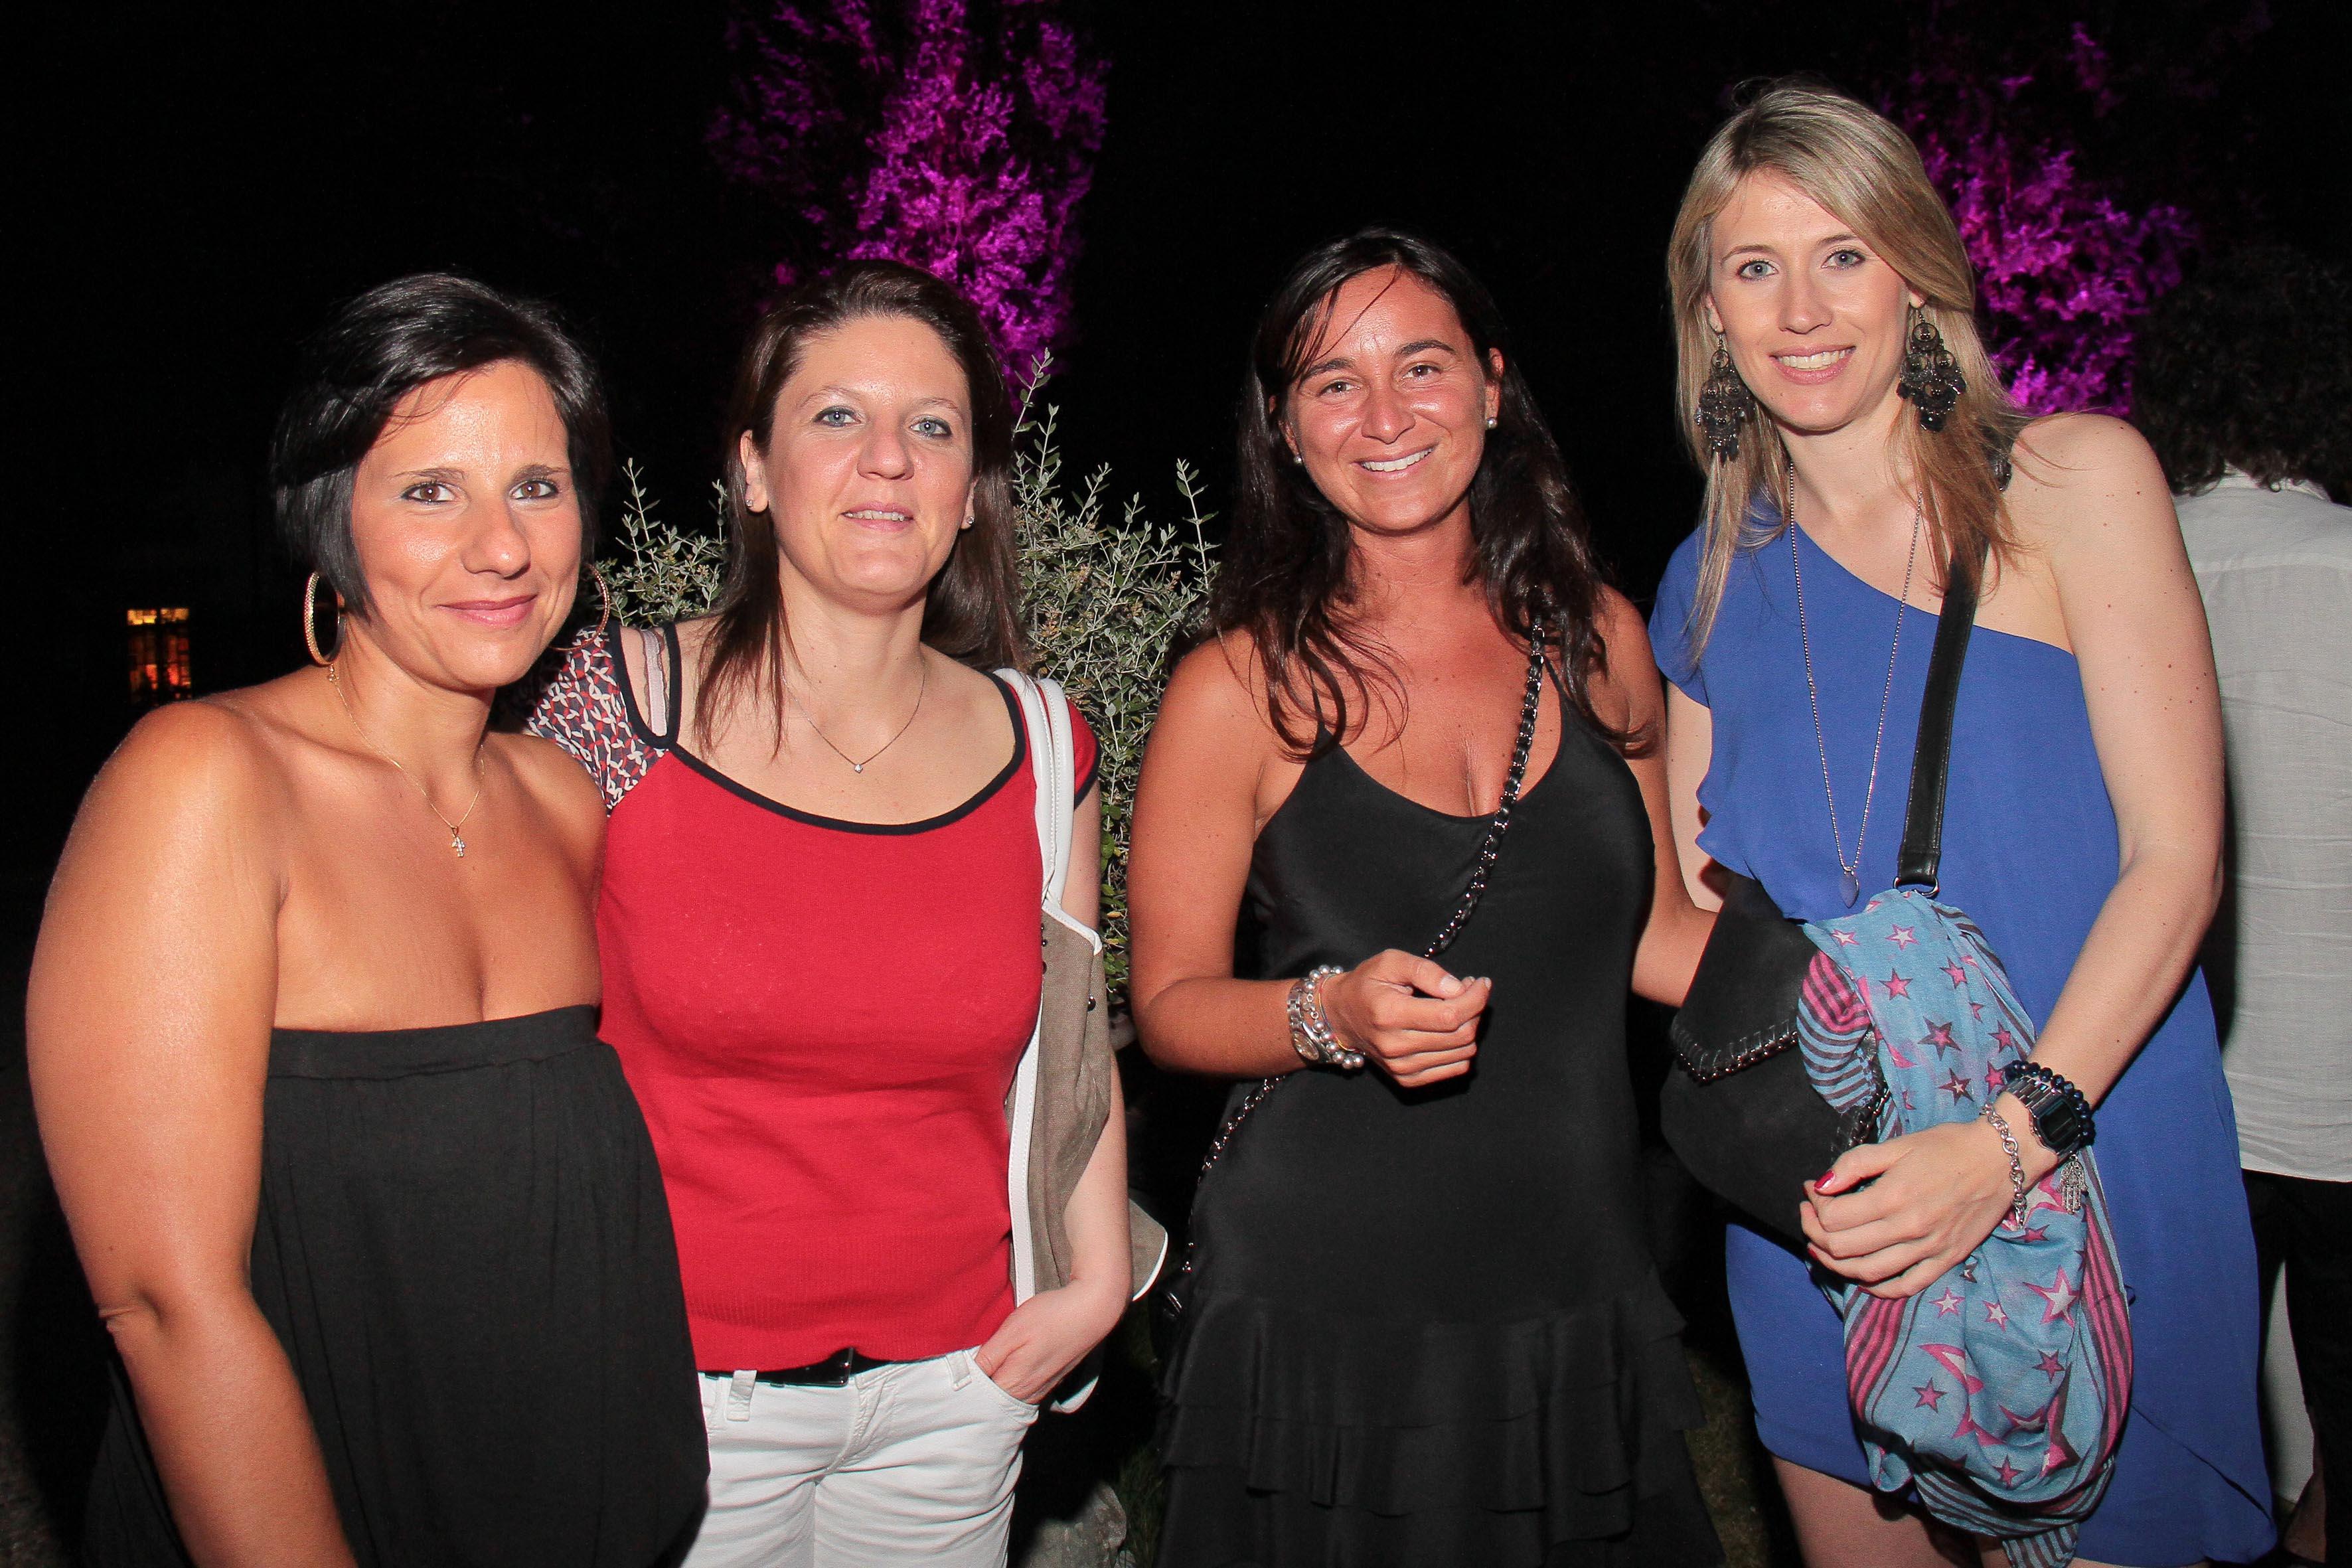 PRESSPHOTO Firenze, LOFT, evento Kocca. Nella foto Raffaella e Silvia Galli, Caterina Campana e Silvia Cosi giuseppe cabras/new press photo